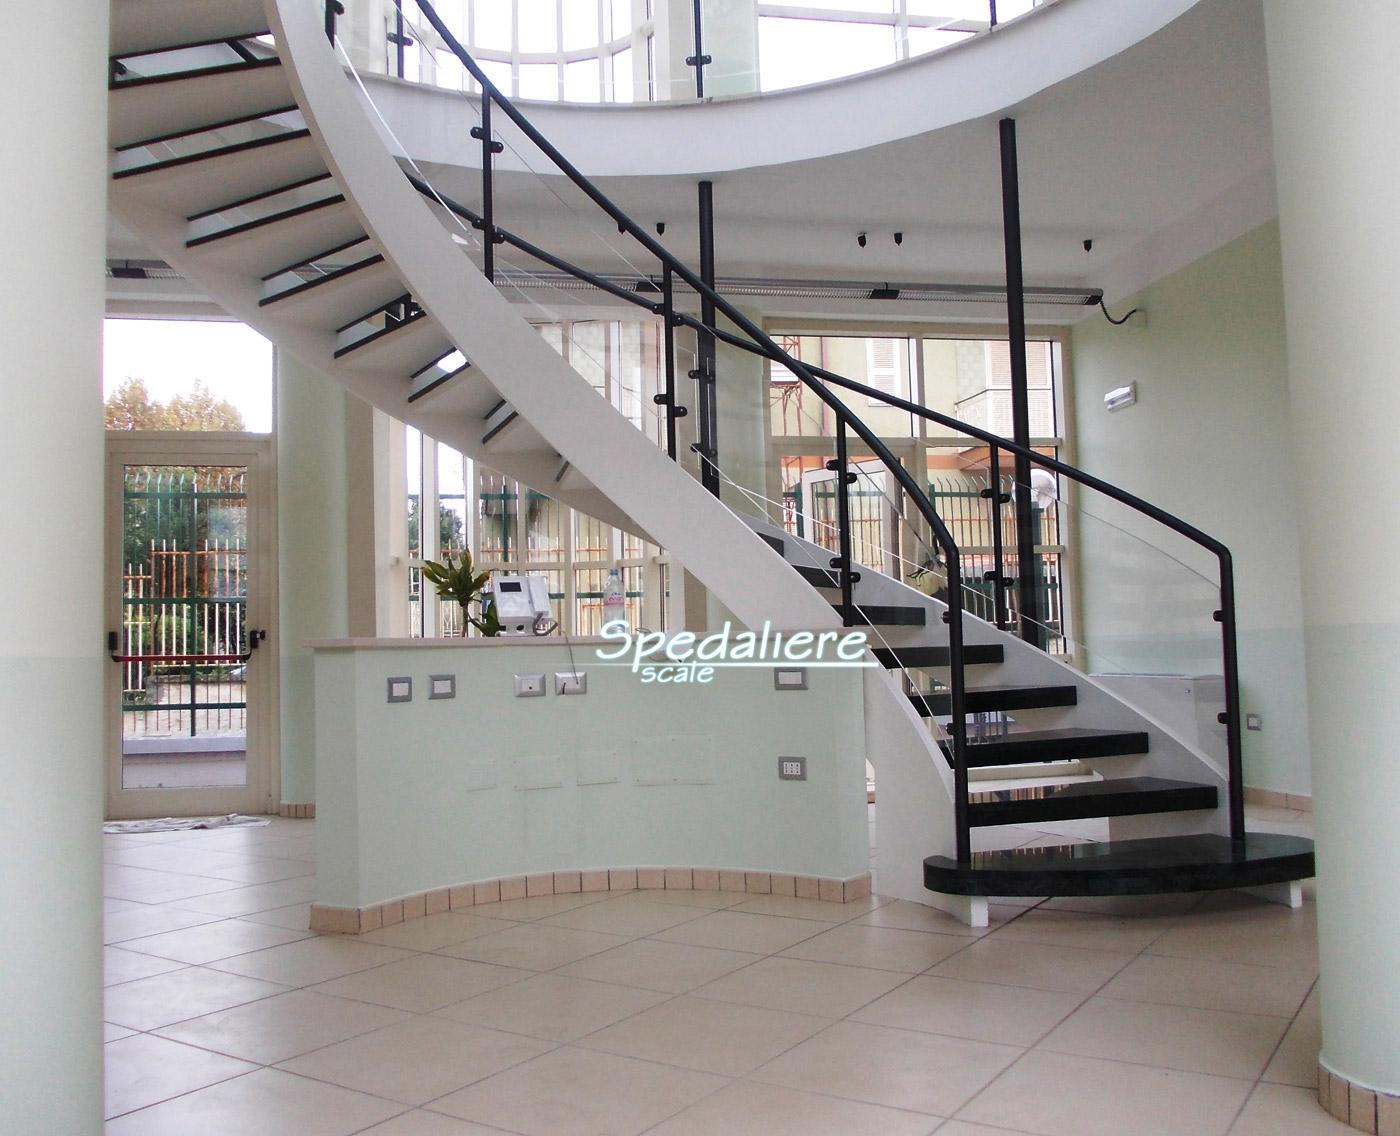 Elicoidale di grosse dimensioni con gradini in marmo e ringhiere in pannellature di Plexiglas